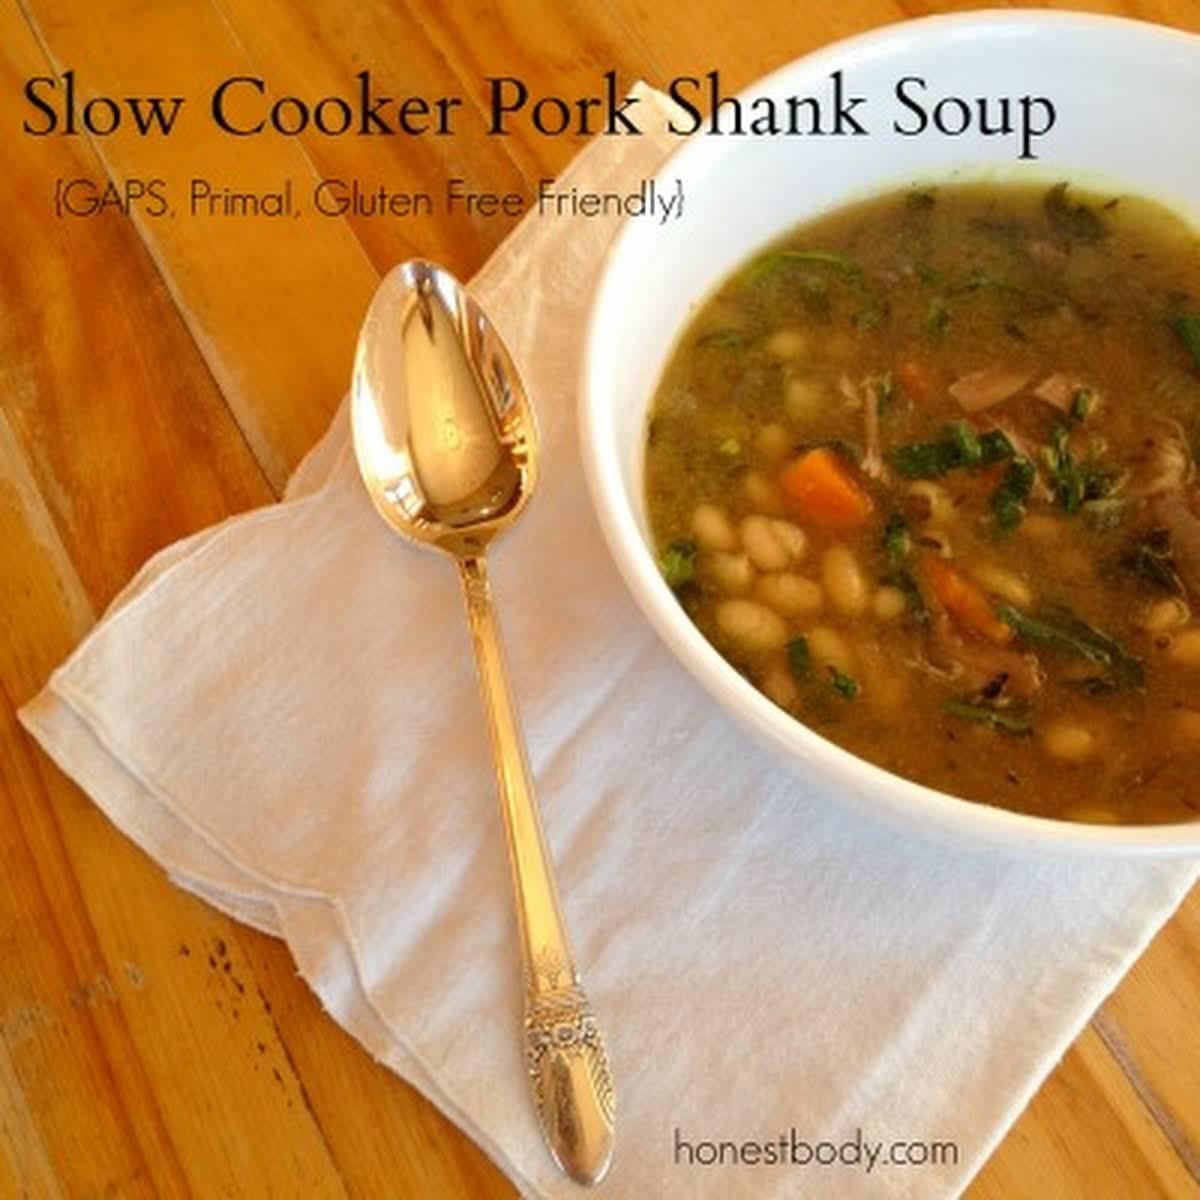 Slow Cooker Pork Shank Soup